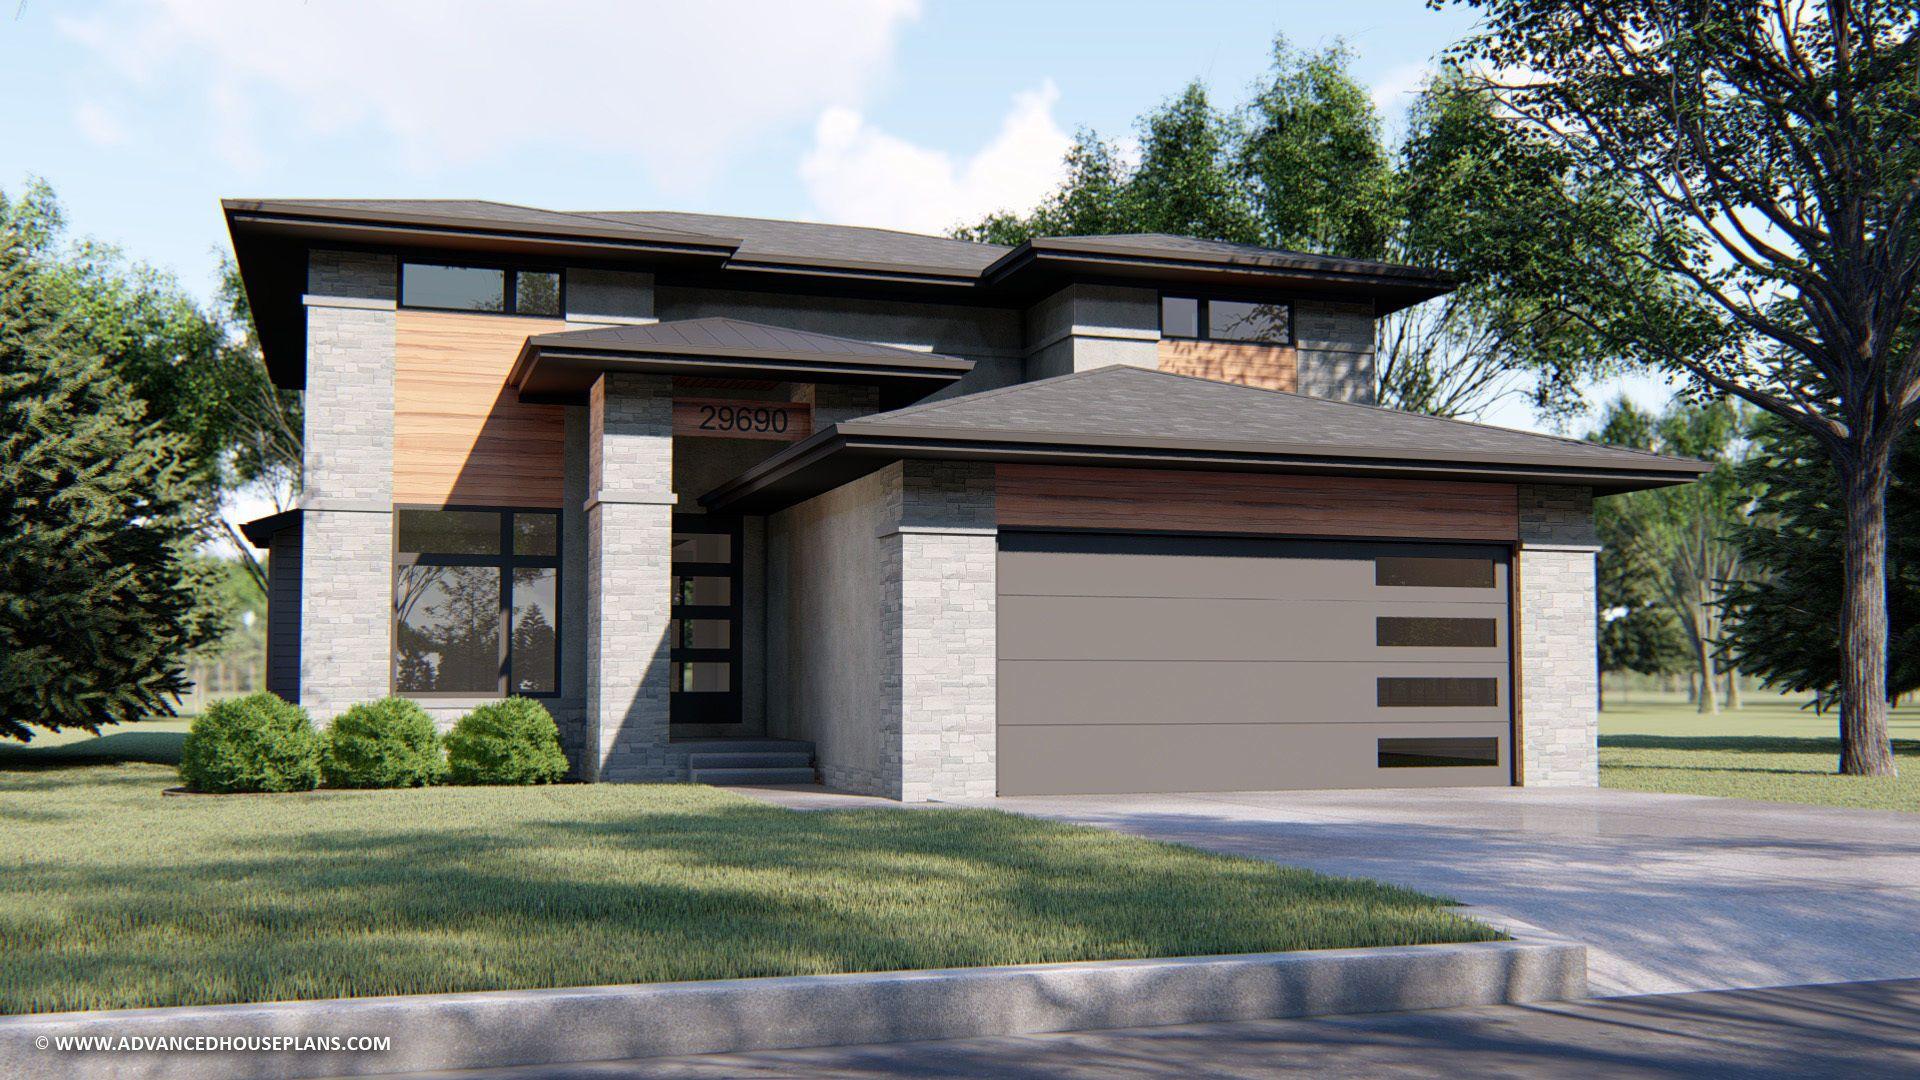 2 Story Modern Prairie Style House Plan Watkins In 2020